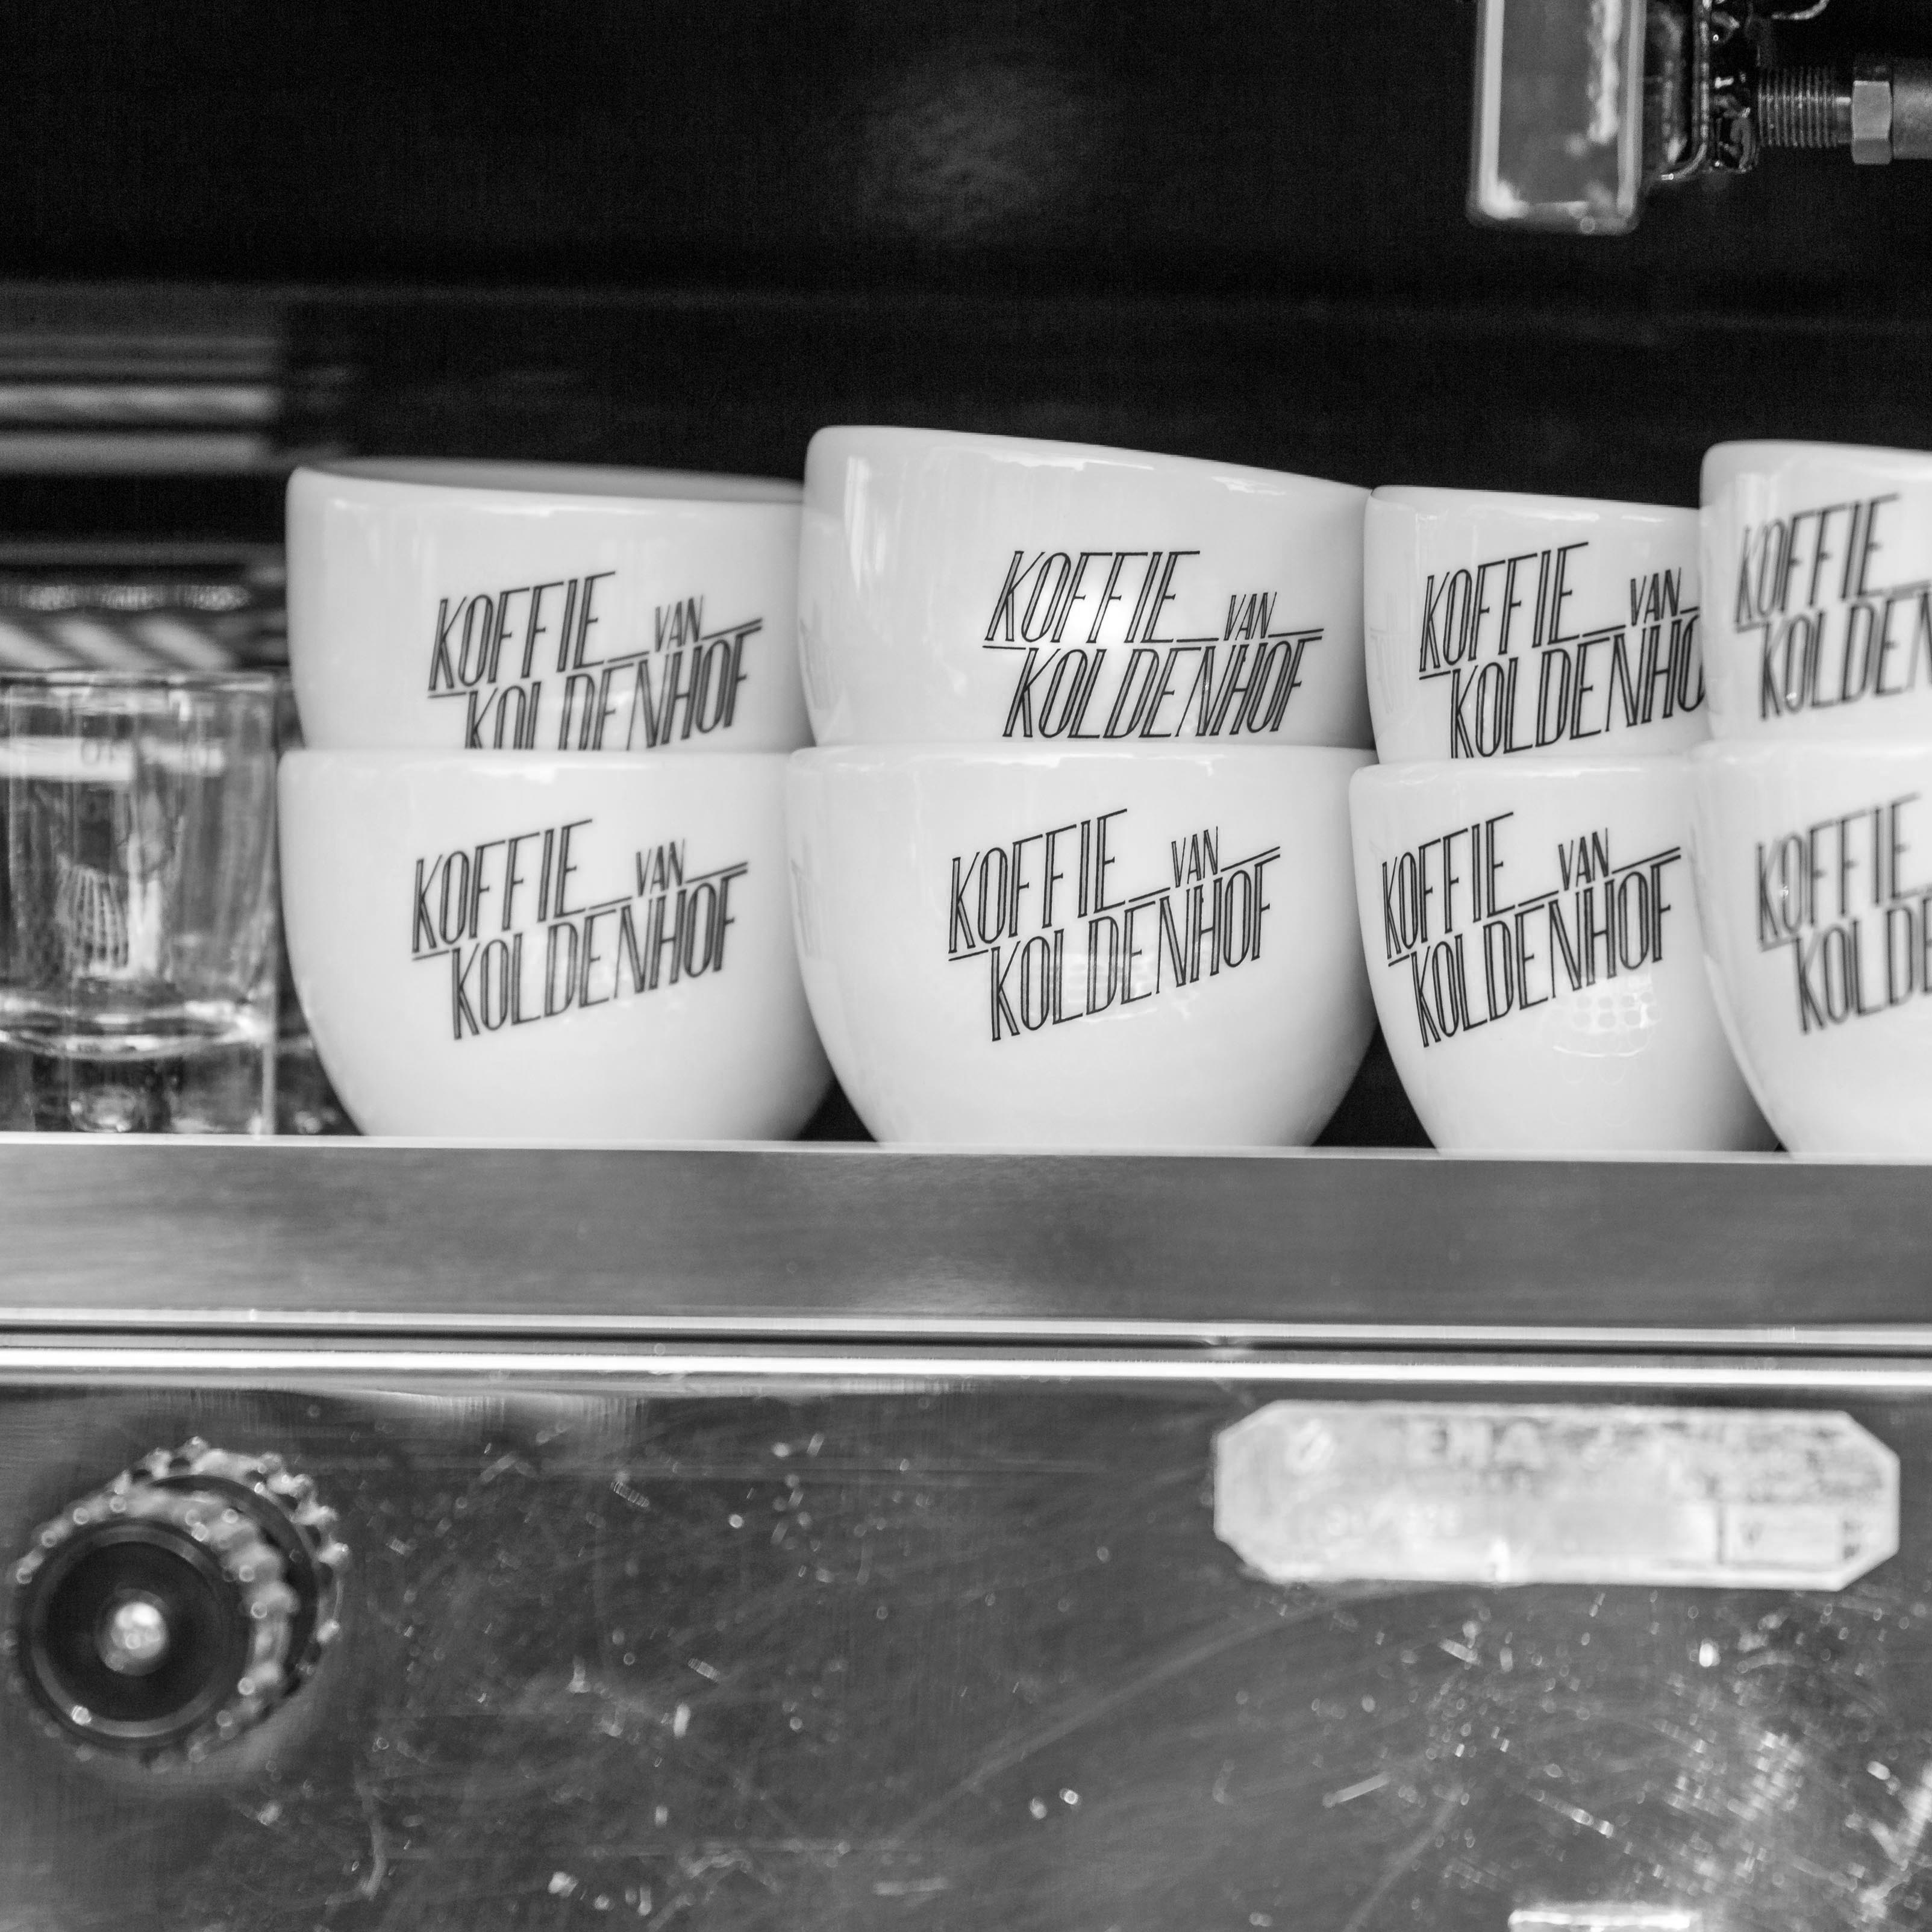 koffie van koldenhof – Barista op locatie met Piaggio